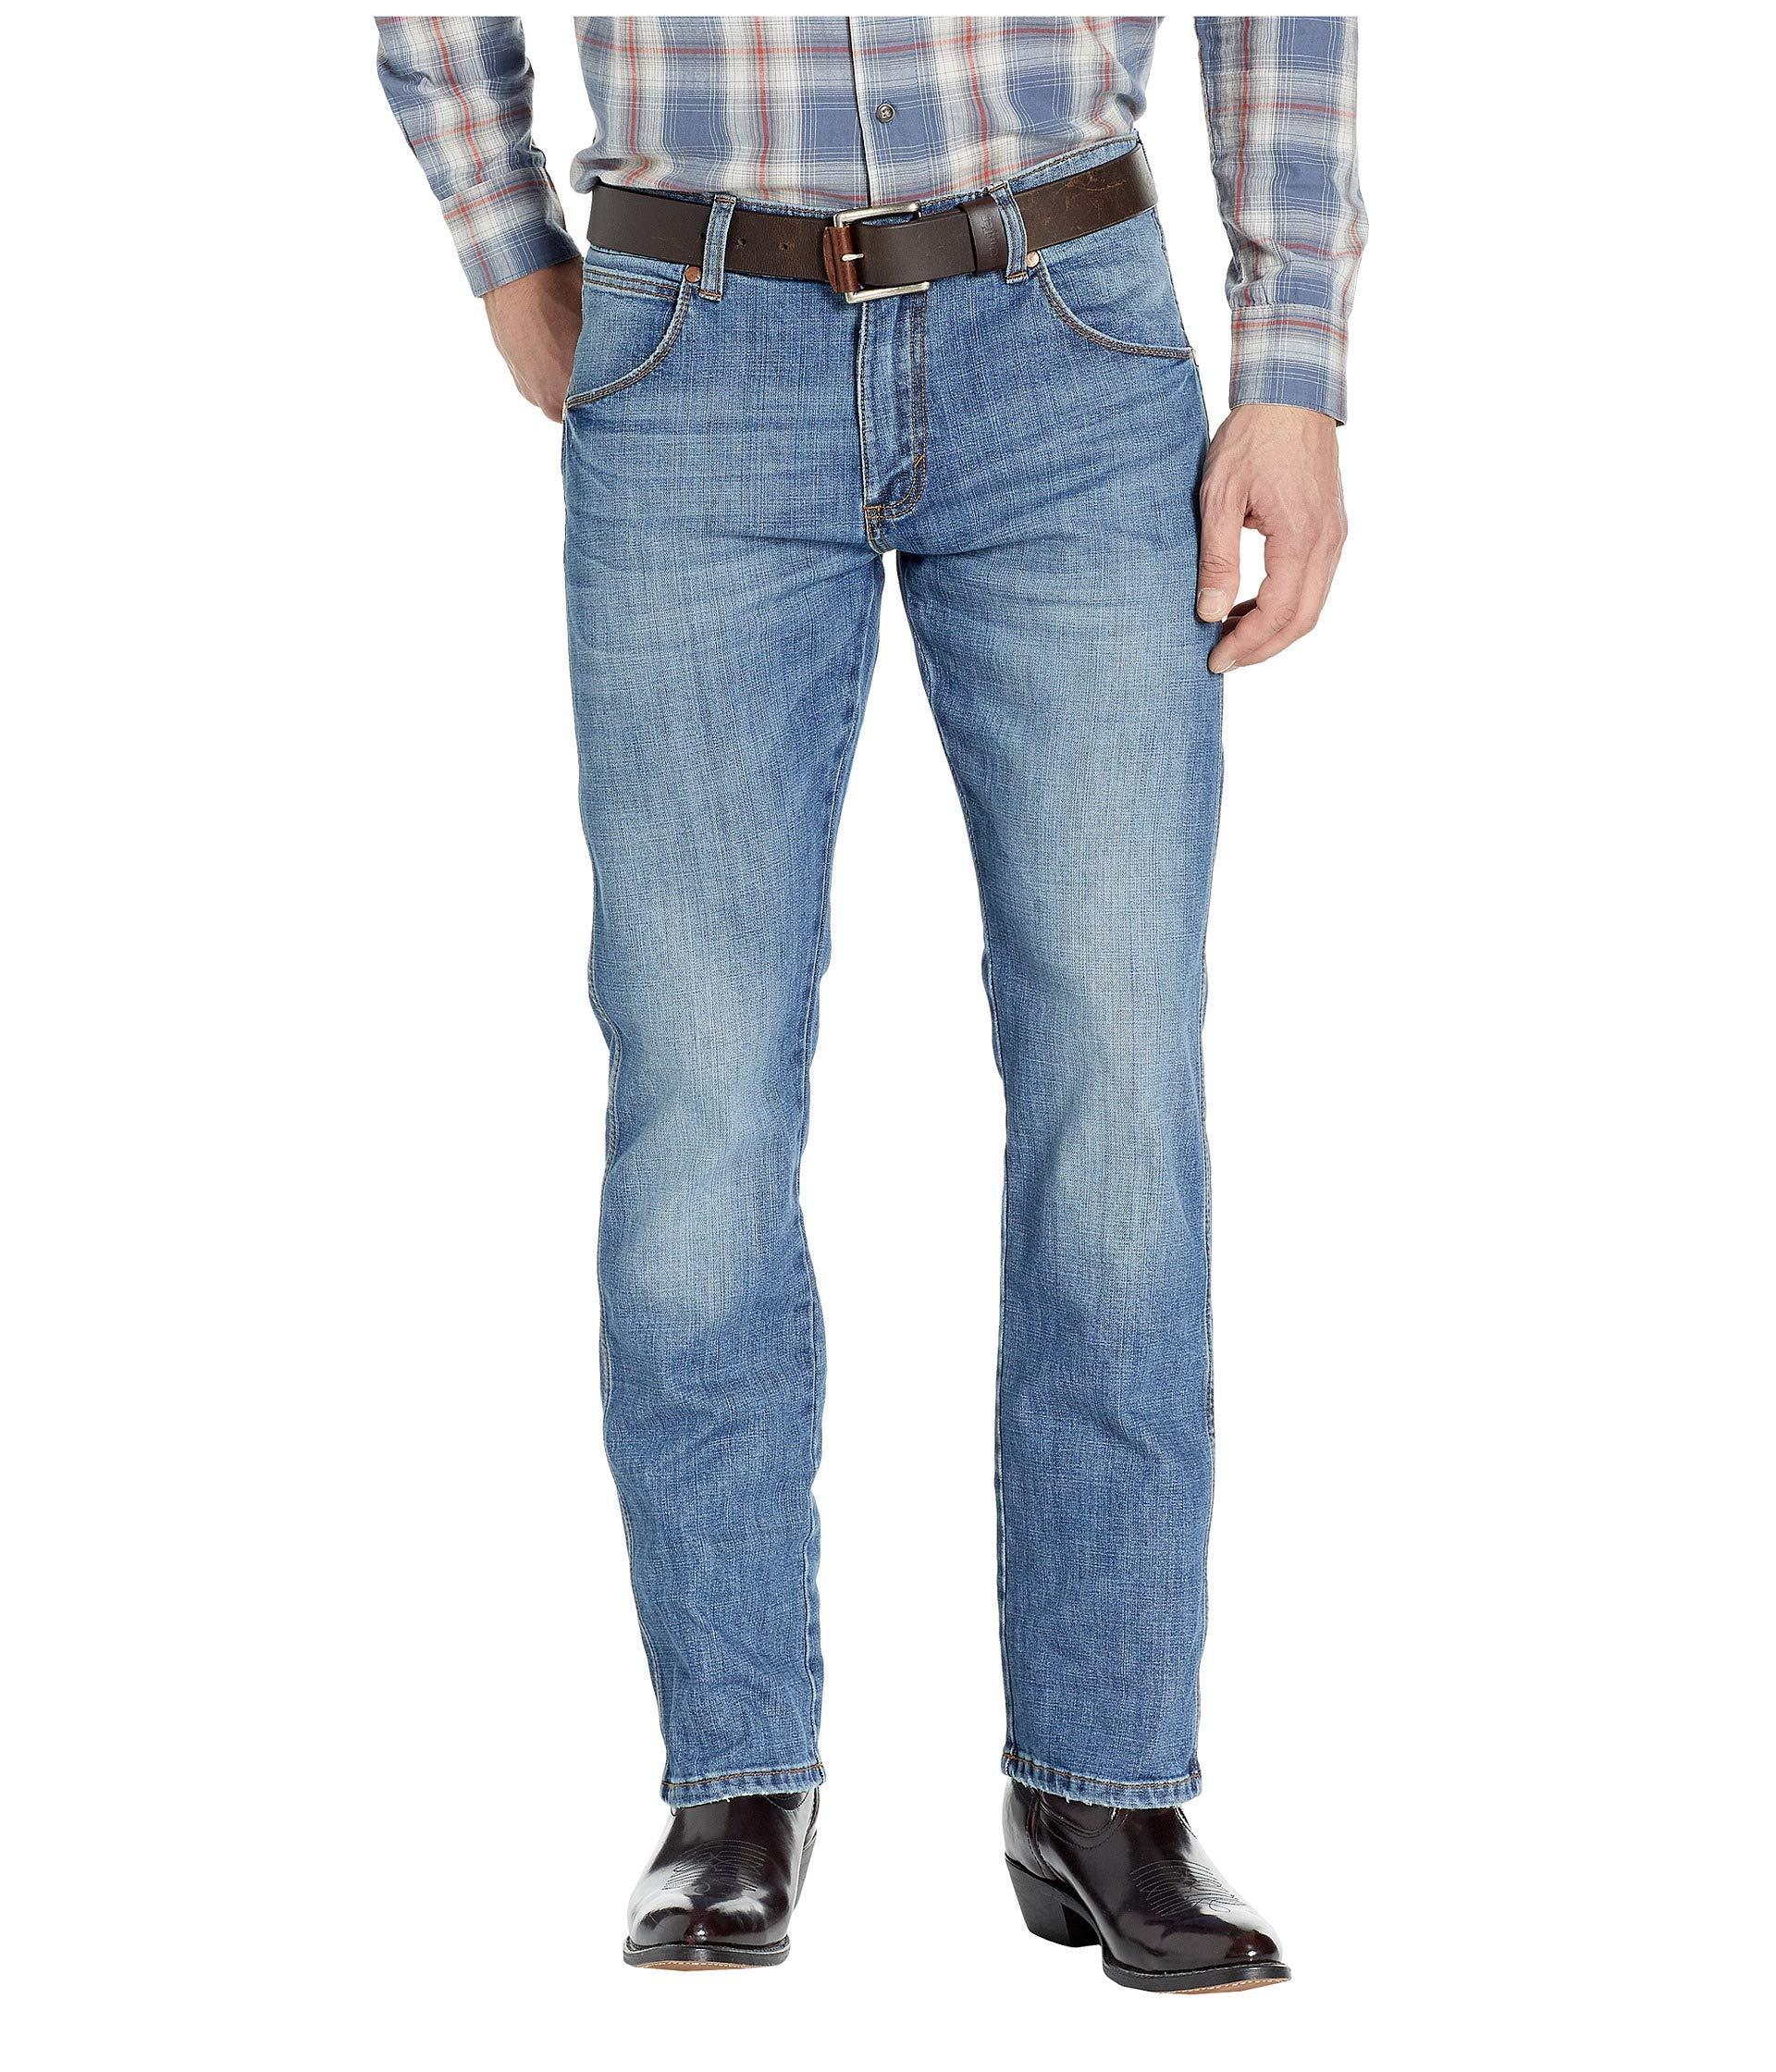 a6ca7a7b140a Wrangler. Blue Retro Premium Slim Straight Jeans (stephens) Men's Jeans